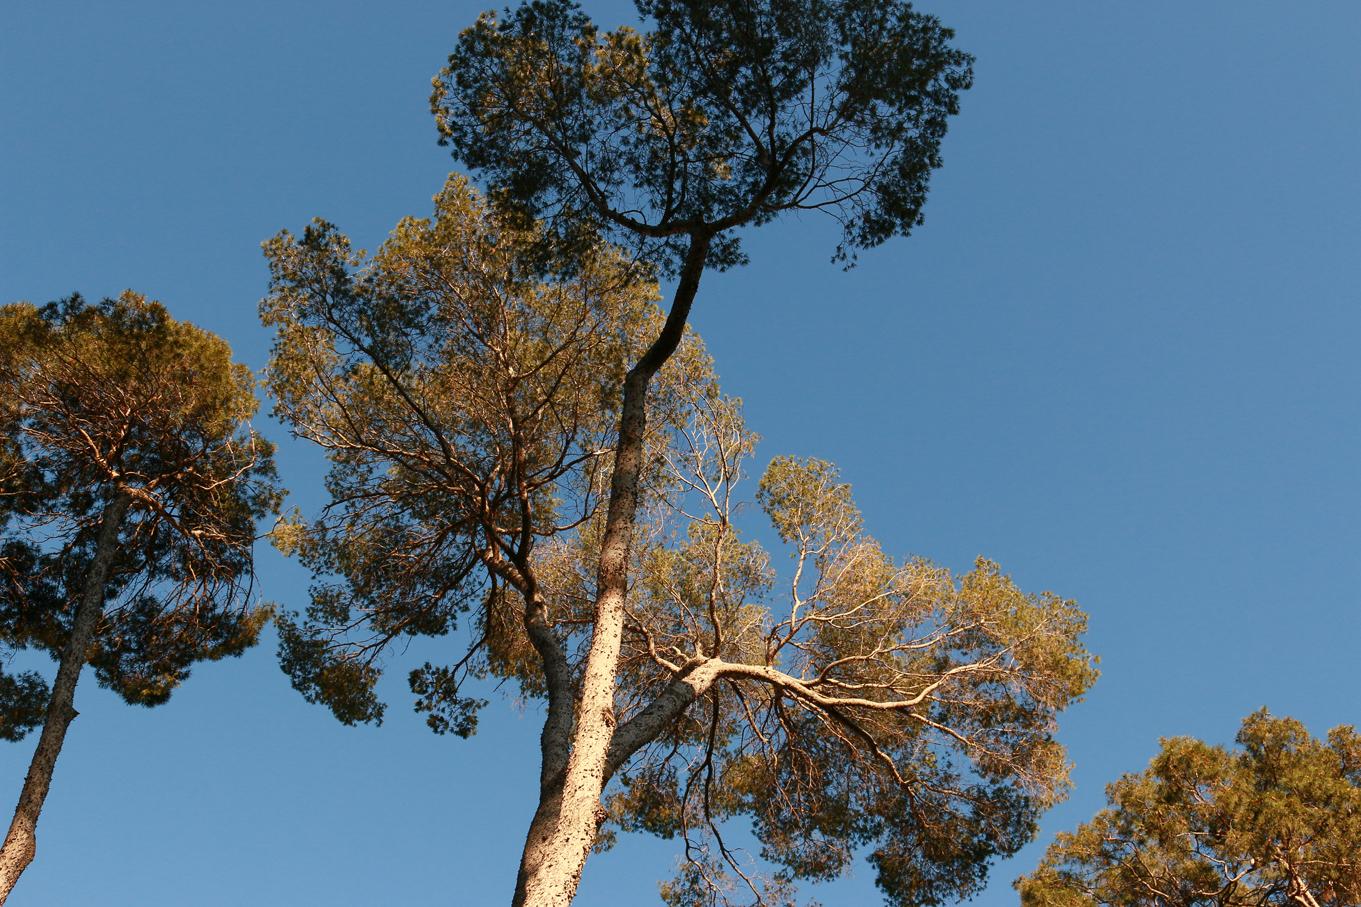 La chioma degli alberi paola ricci taste archaeologist for Chioma albero